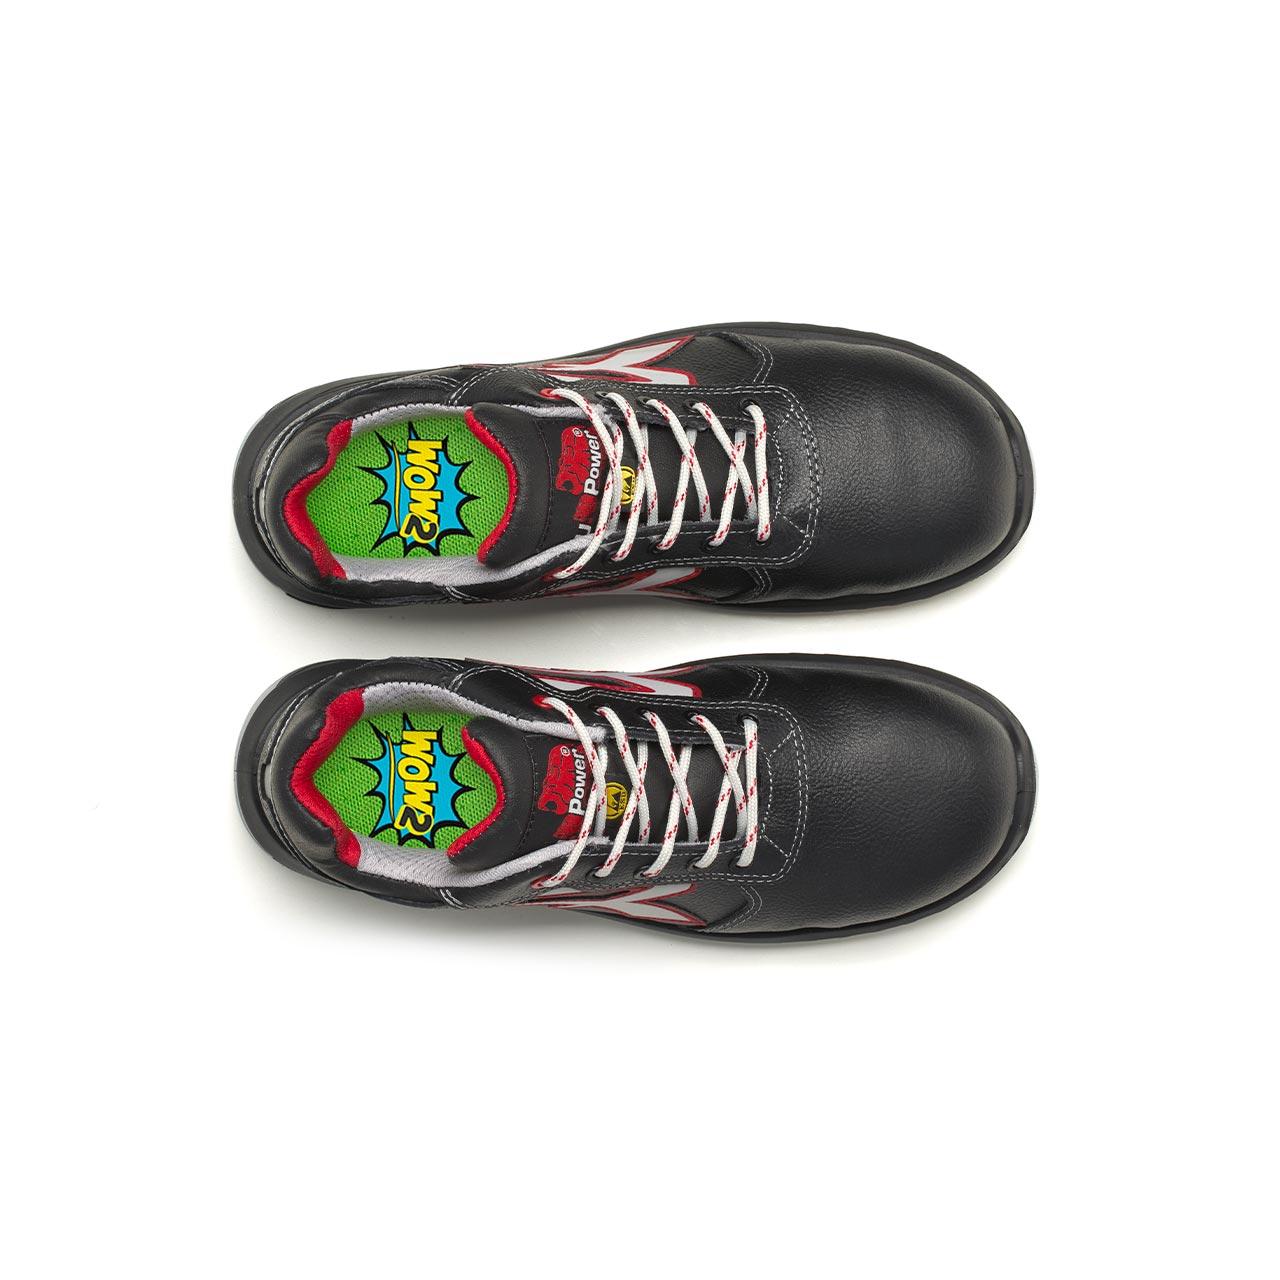 paio di scarpe antinfortunistiche upower modello parigi linea redindustry vista top